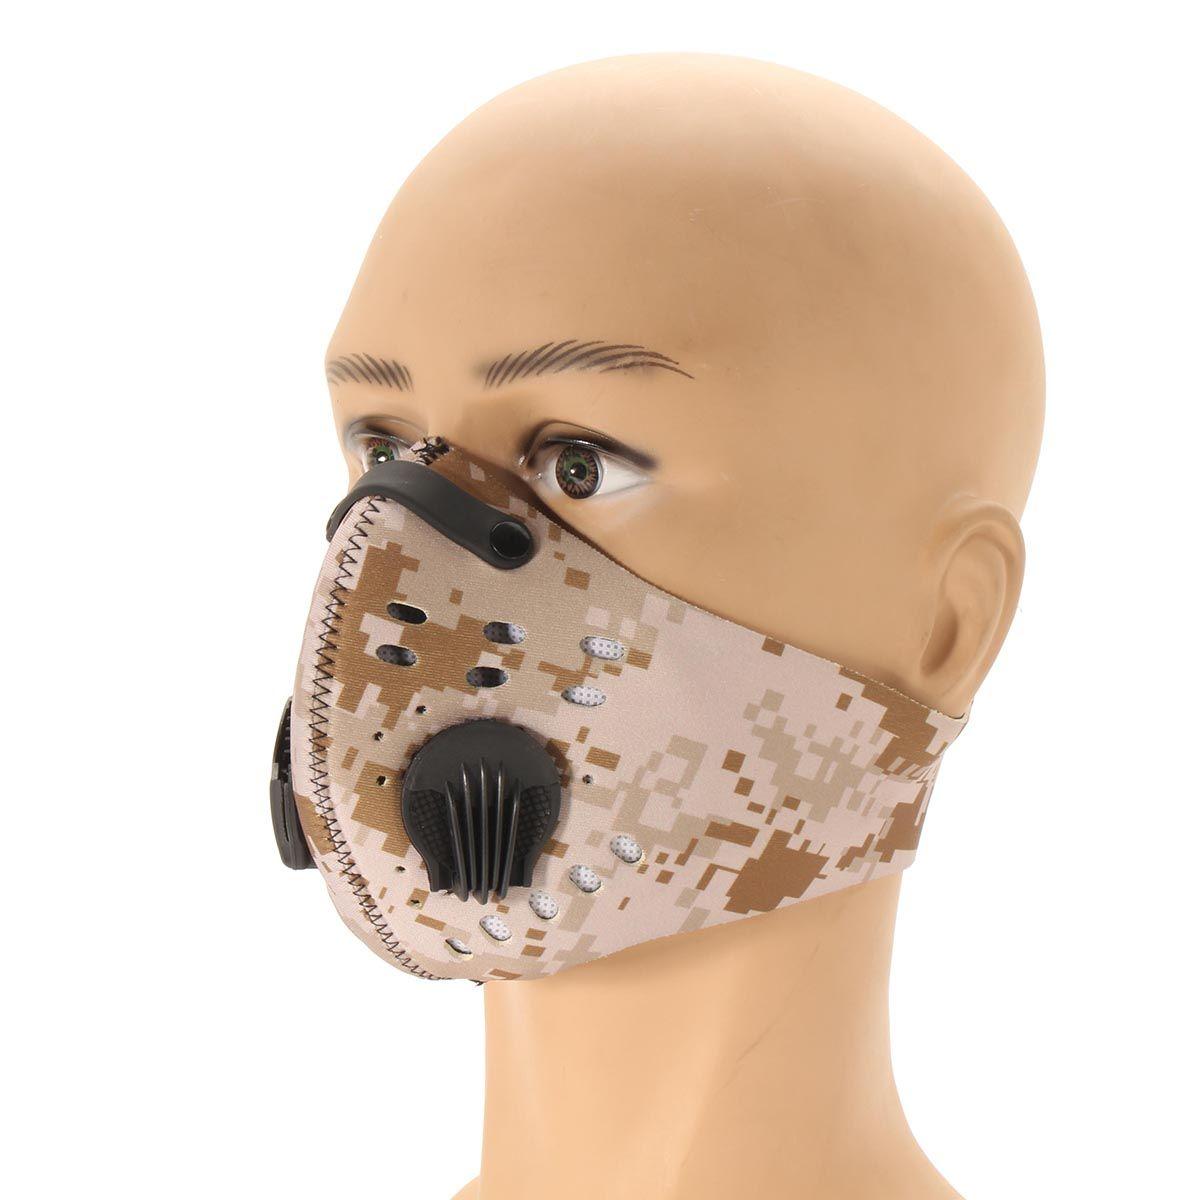 NEUE Staubdicht Maske Schutz Atmungs Radfahren